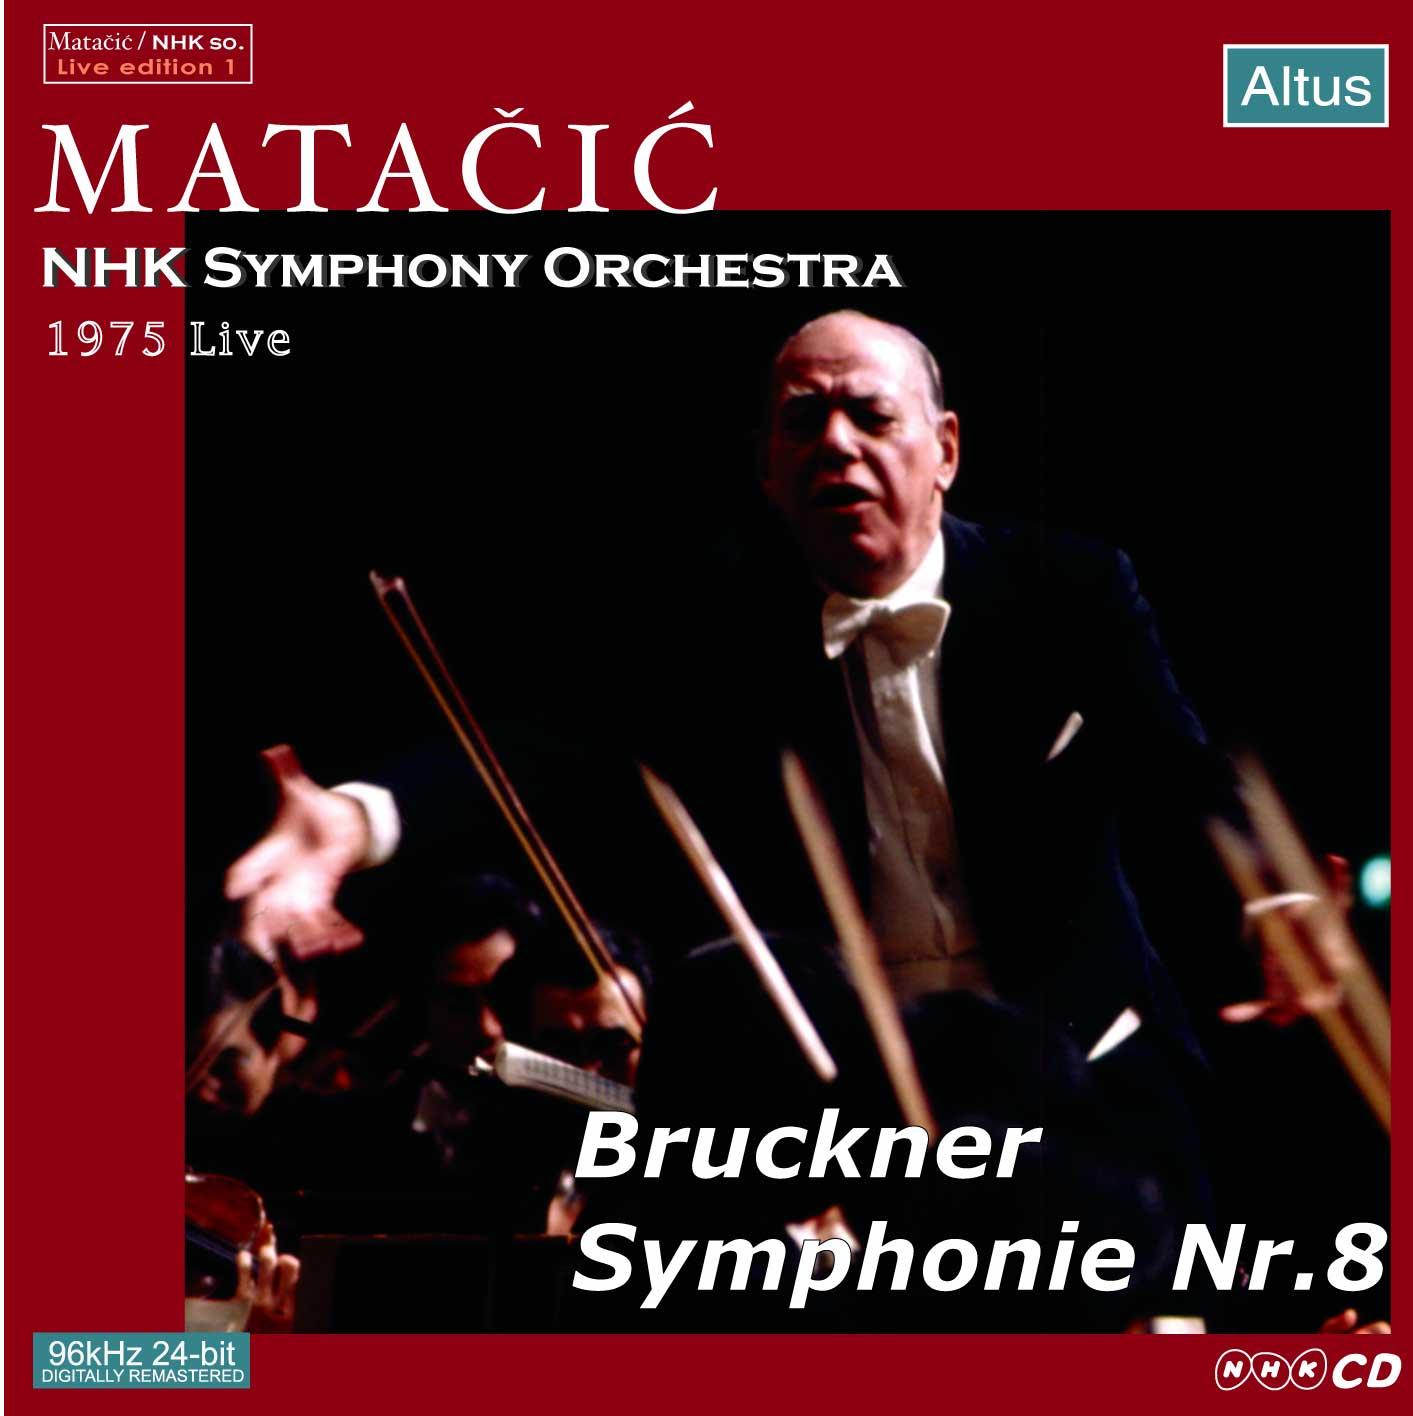 Matačić / NHK so. - Bruckner : Symphony No.8